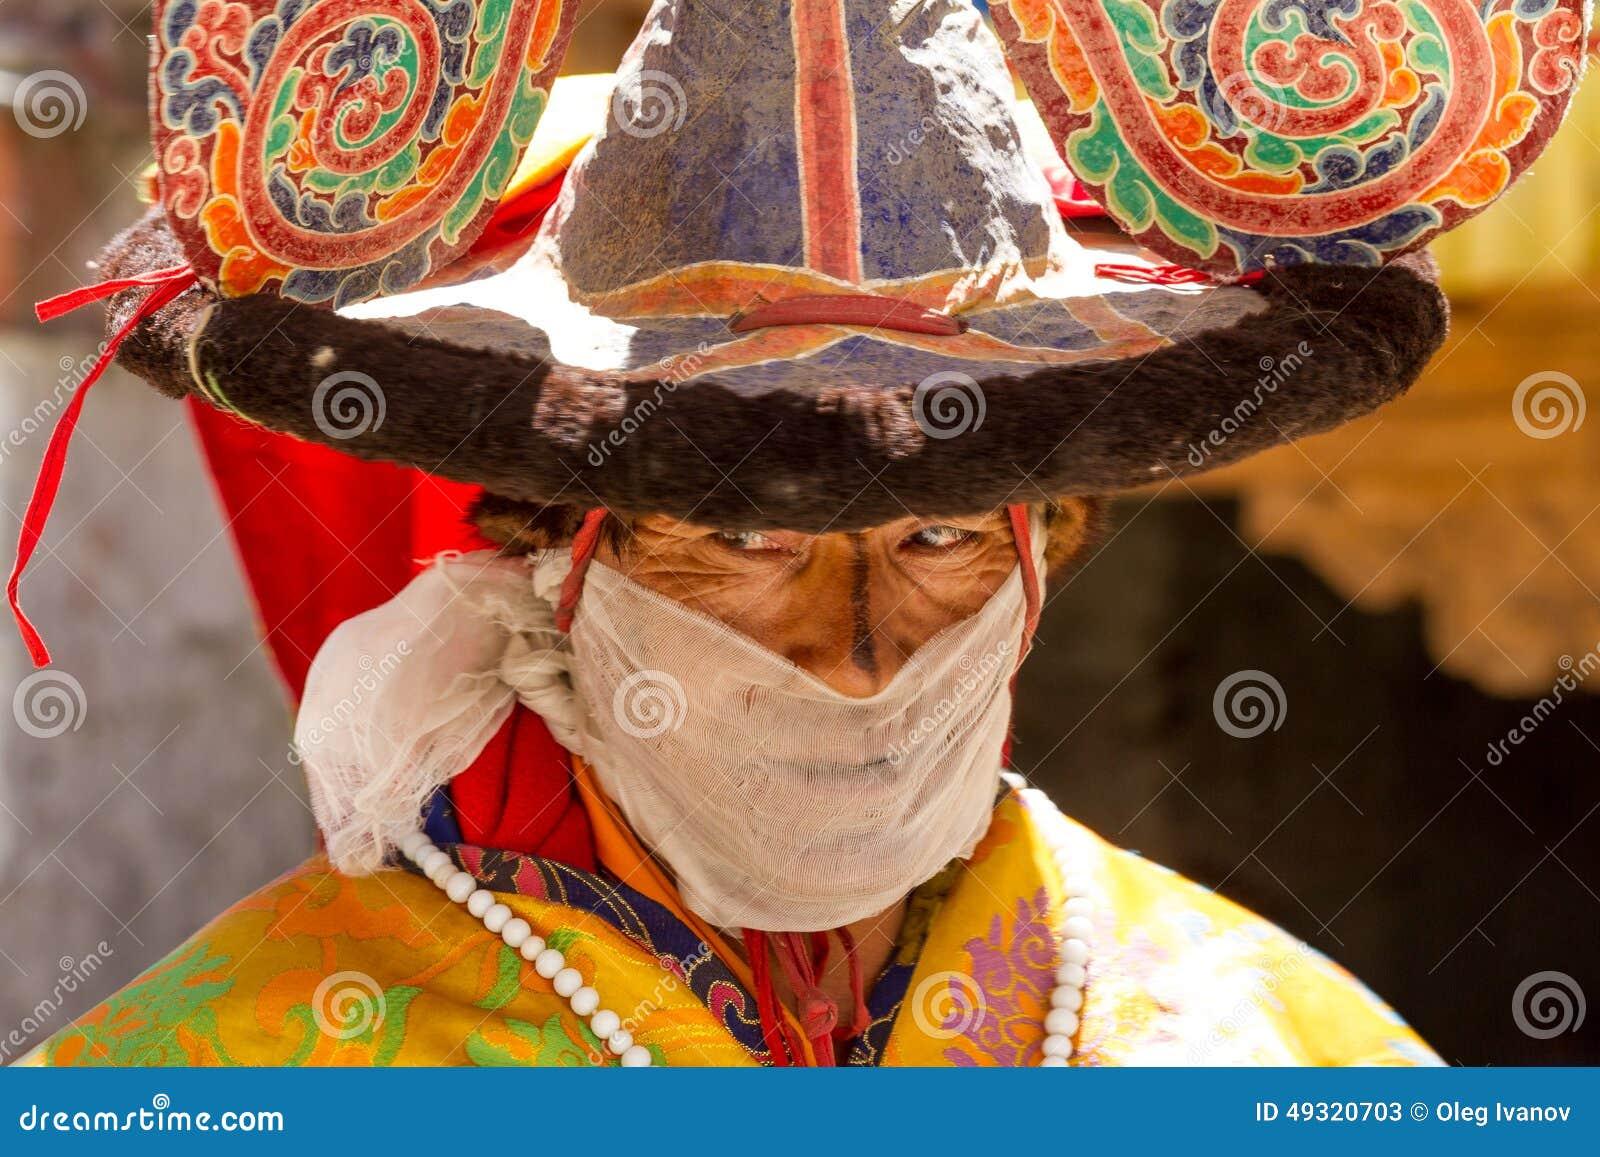 El monje realiza una danza religiosa del sombrero negro